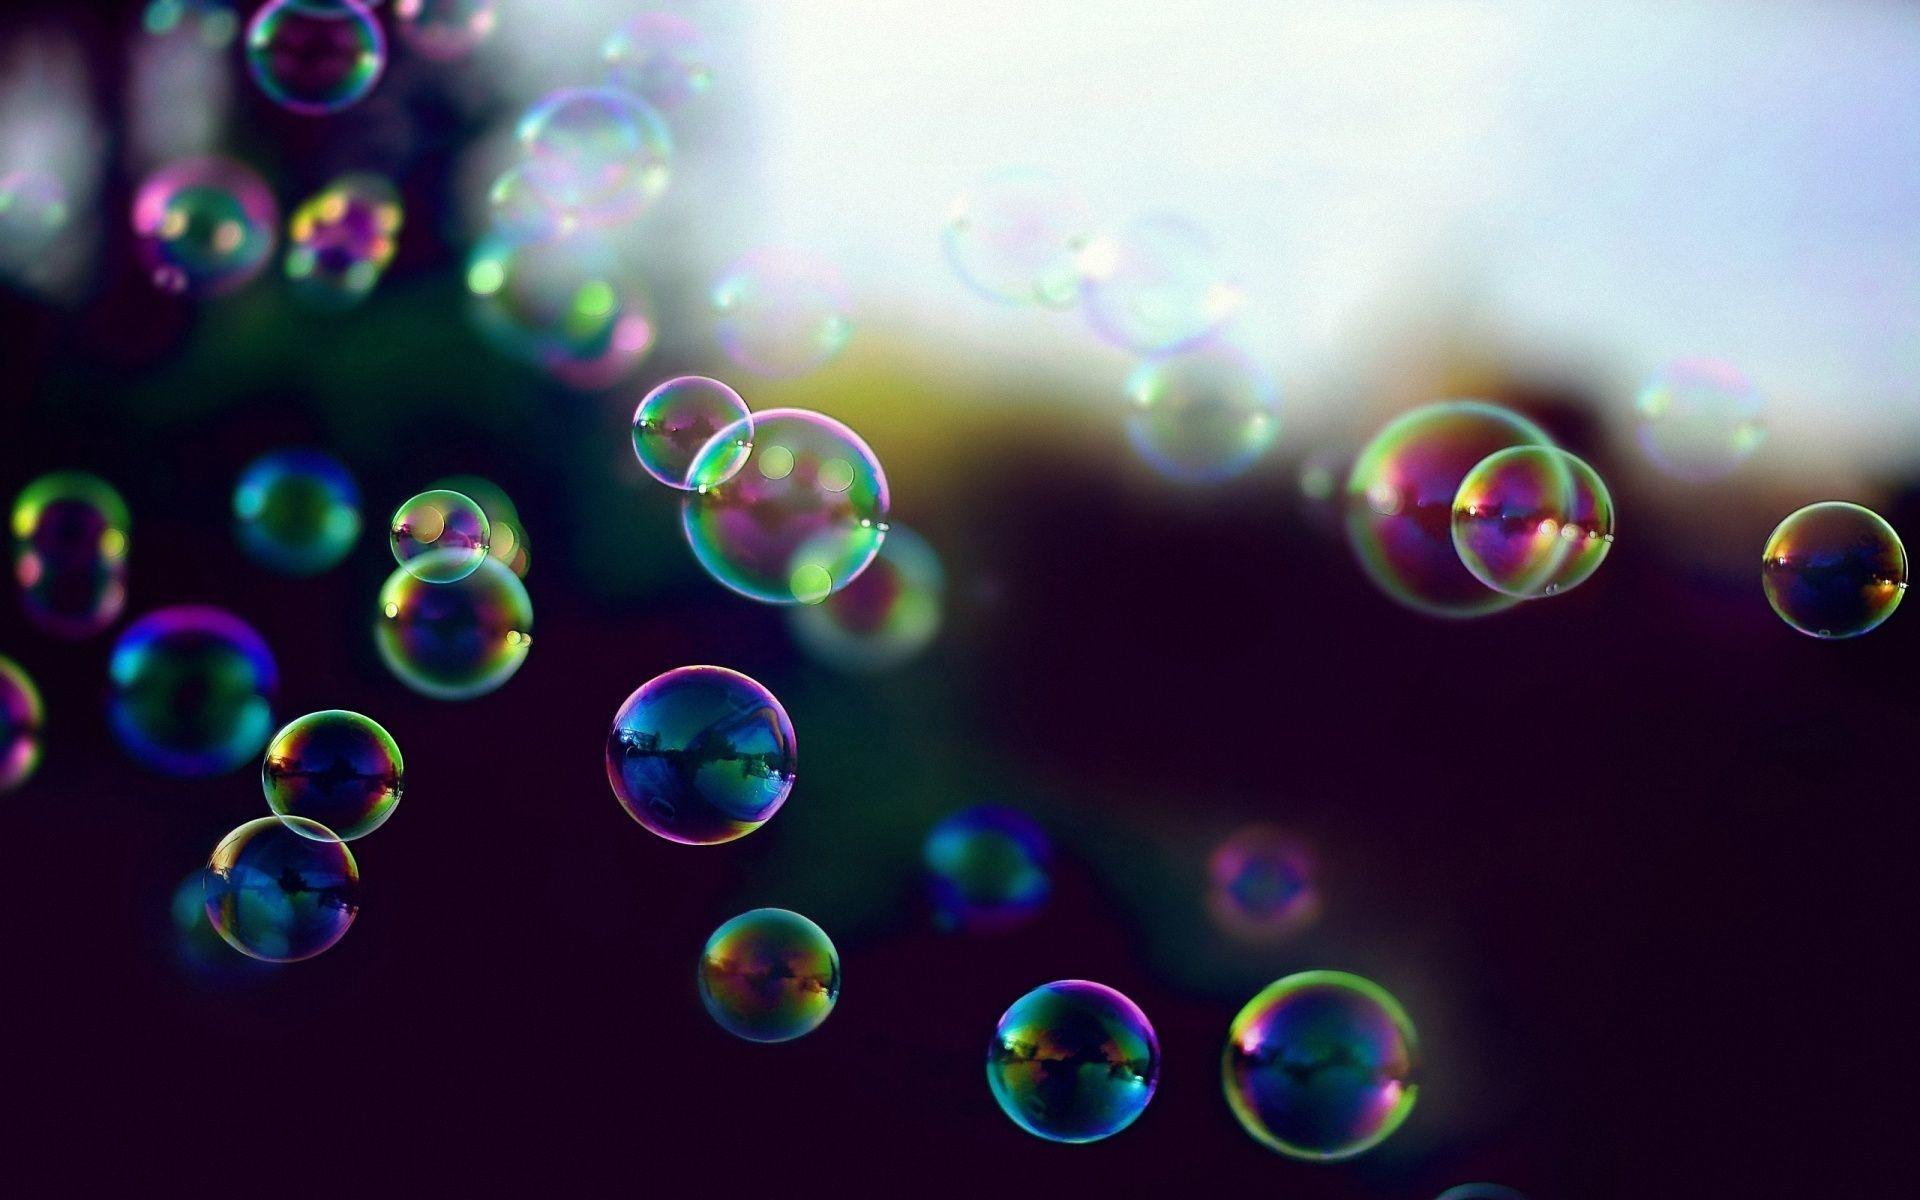 Bubble Wallpaper For My Desktop 70 Images